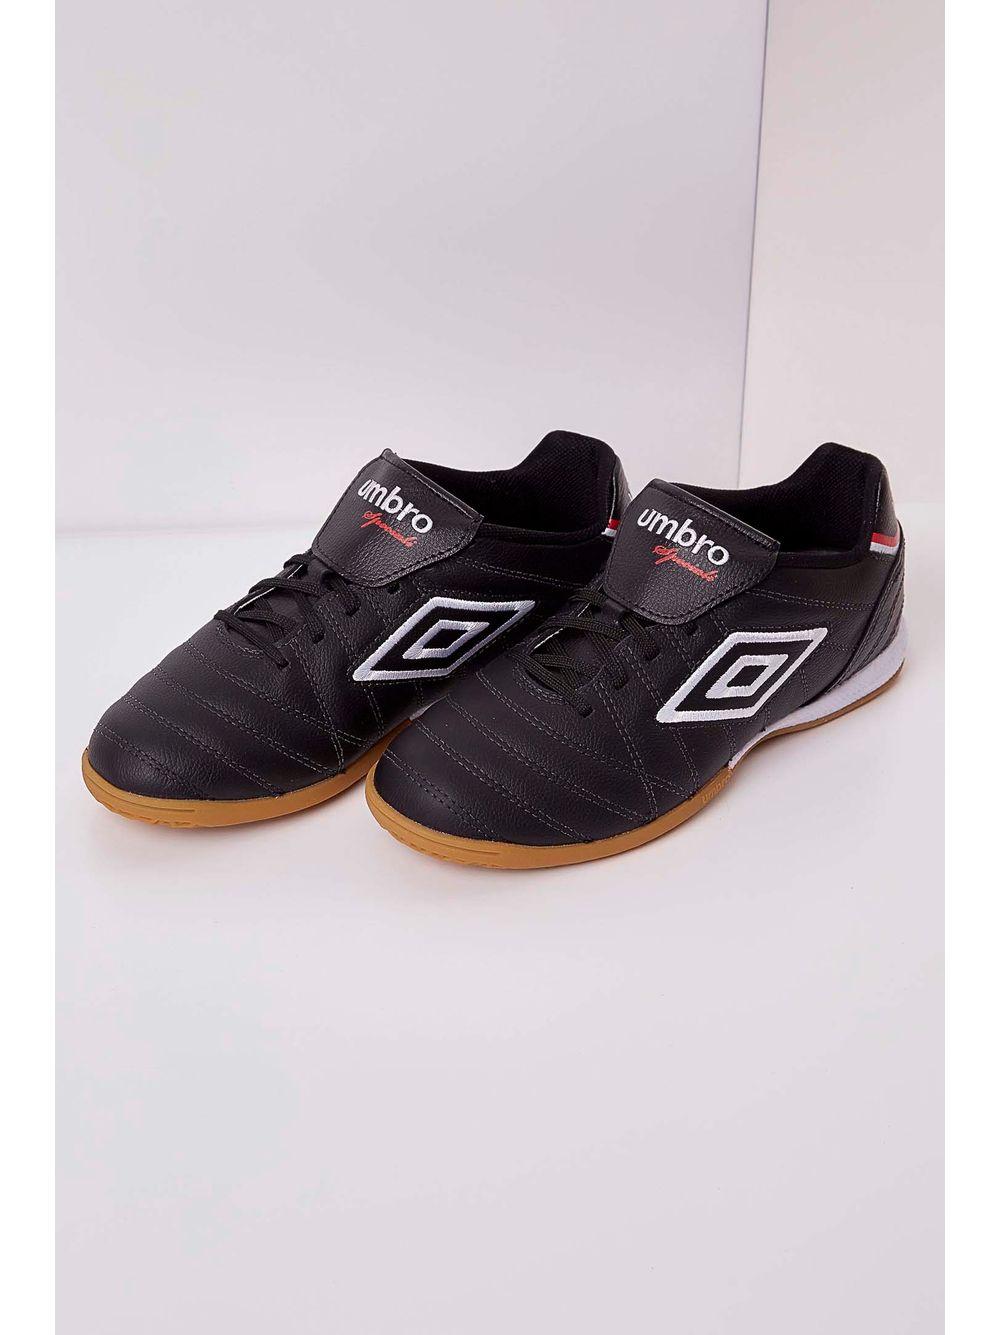 Tênis Umbro Futsal Speciali Premier Preto - pittol d7c5ada571f2e